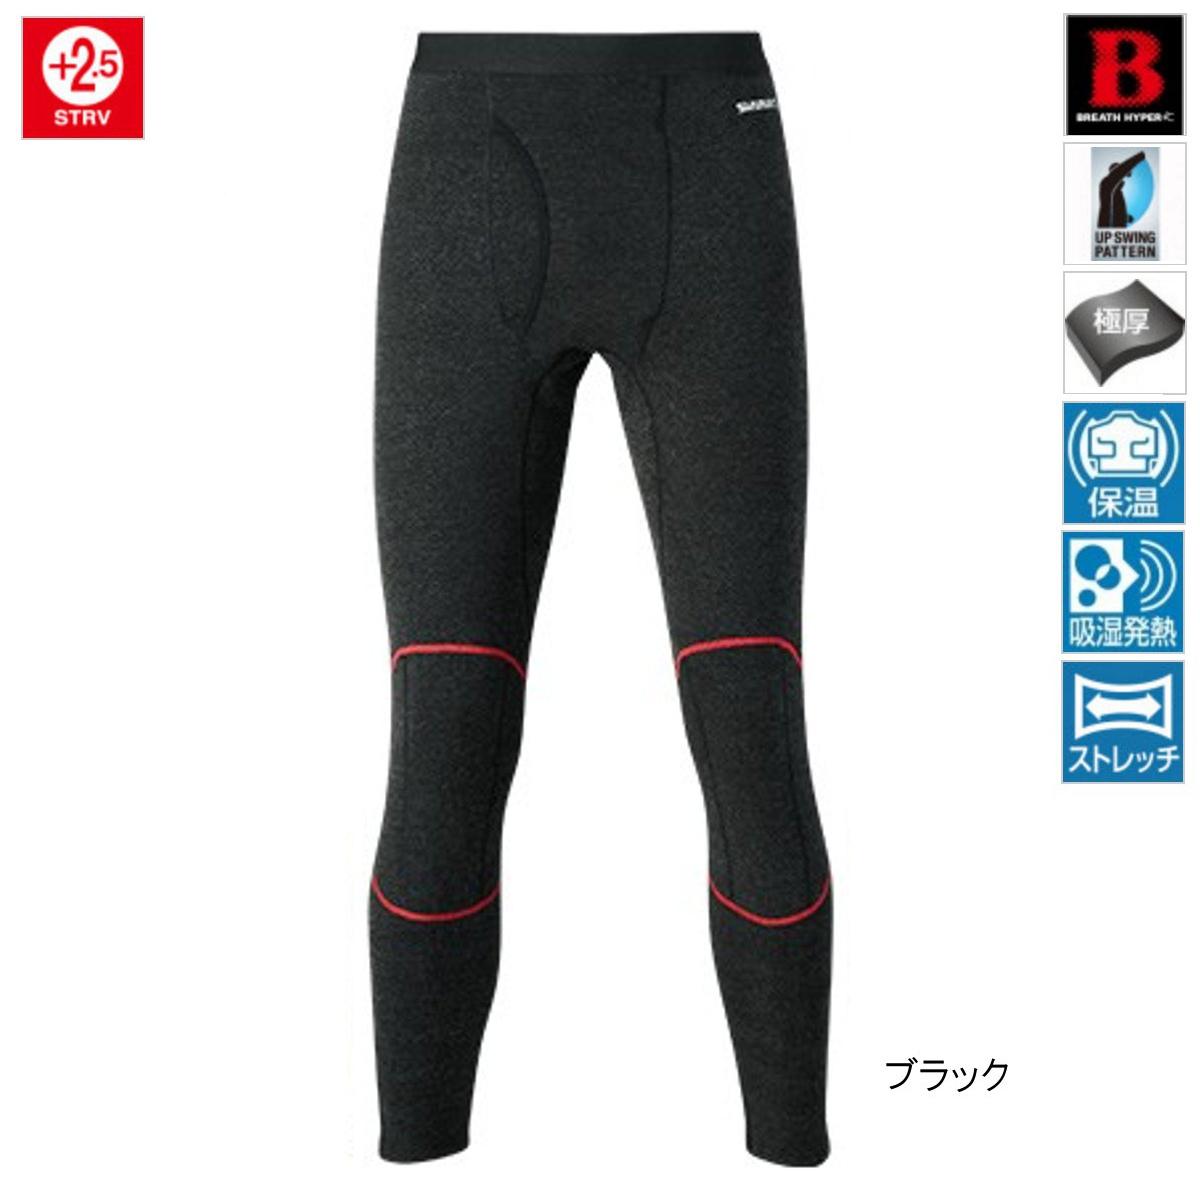 シマノ ブレスハイパー+℃ ストレッチアンダータイツ (極厚タイプ) IN-025Q L ブラック(東日本店)